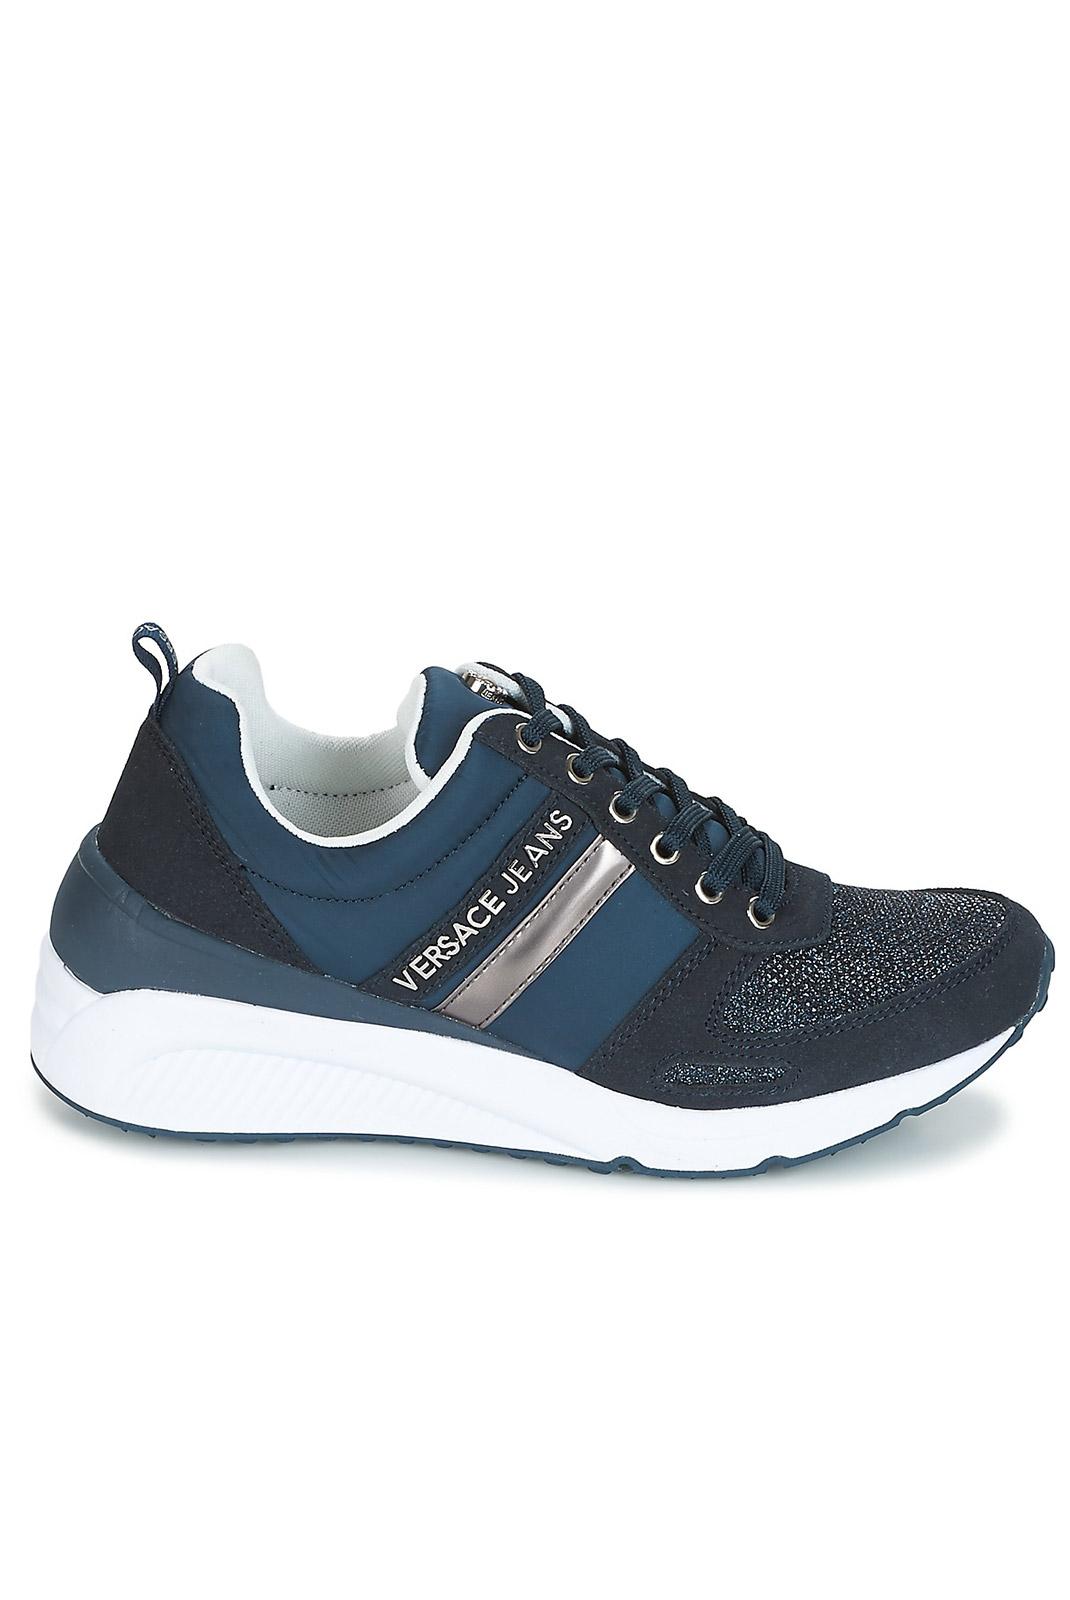 Baskets / Sneakers  Versace Jeans VRBSB2 231 DARK BLUE